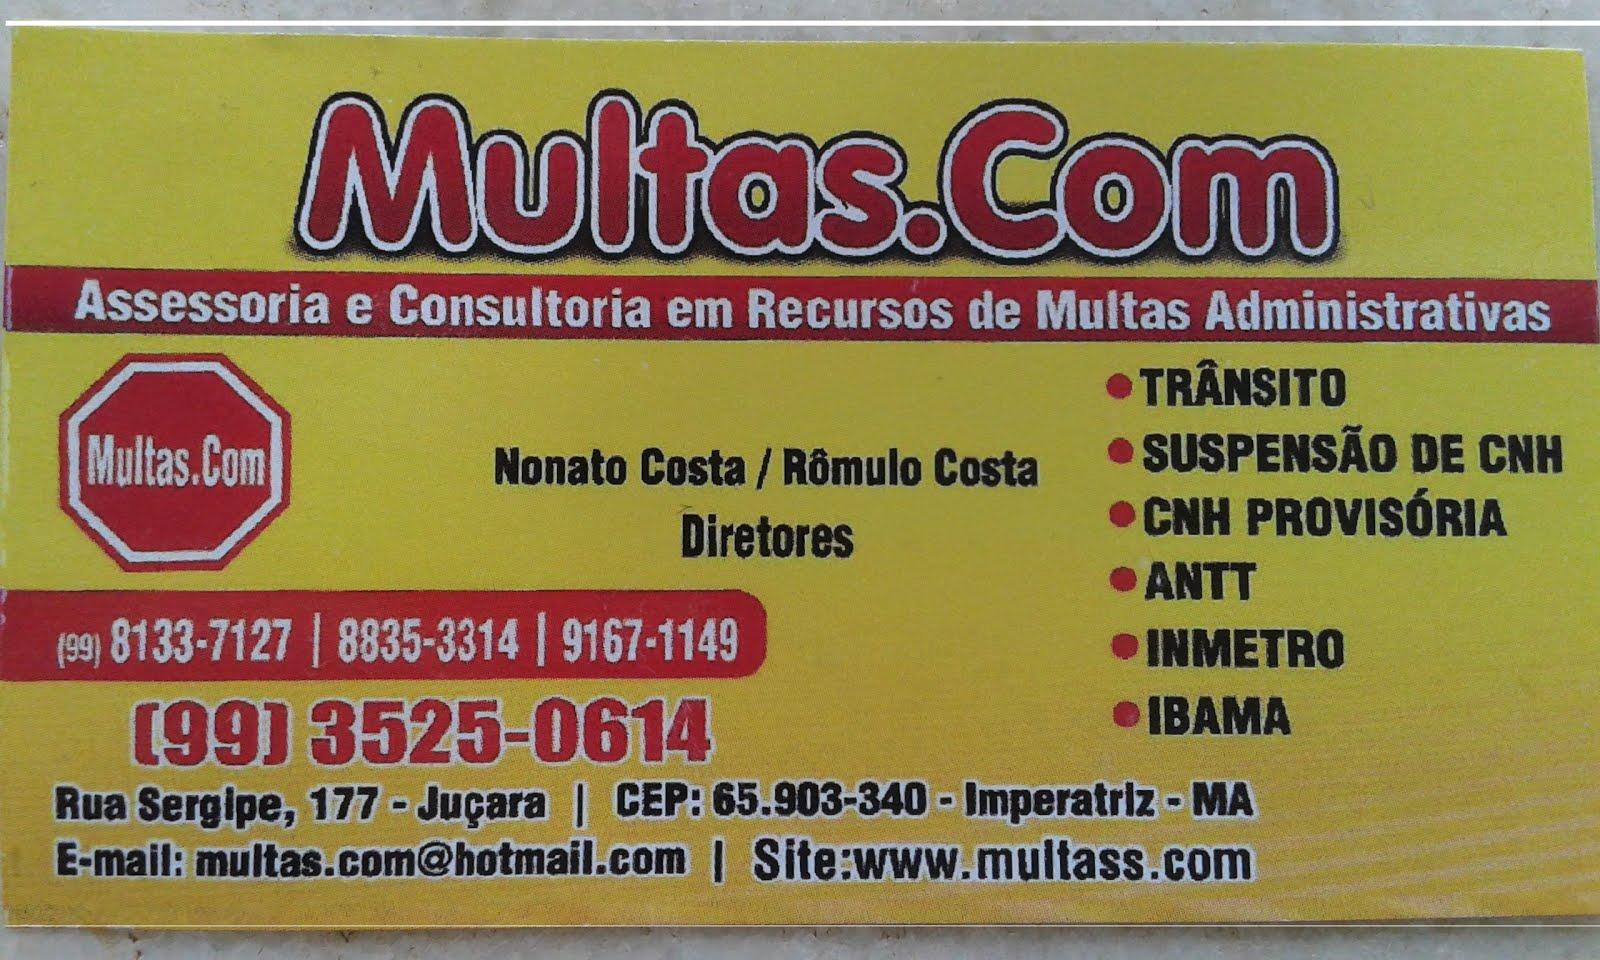 Multas.com